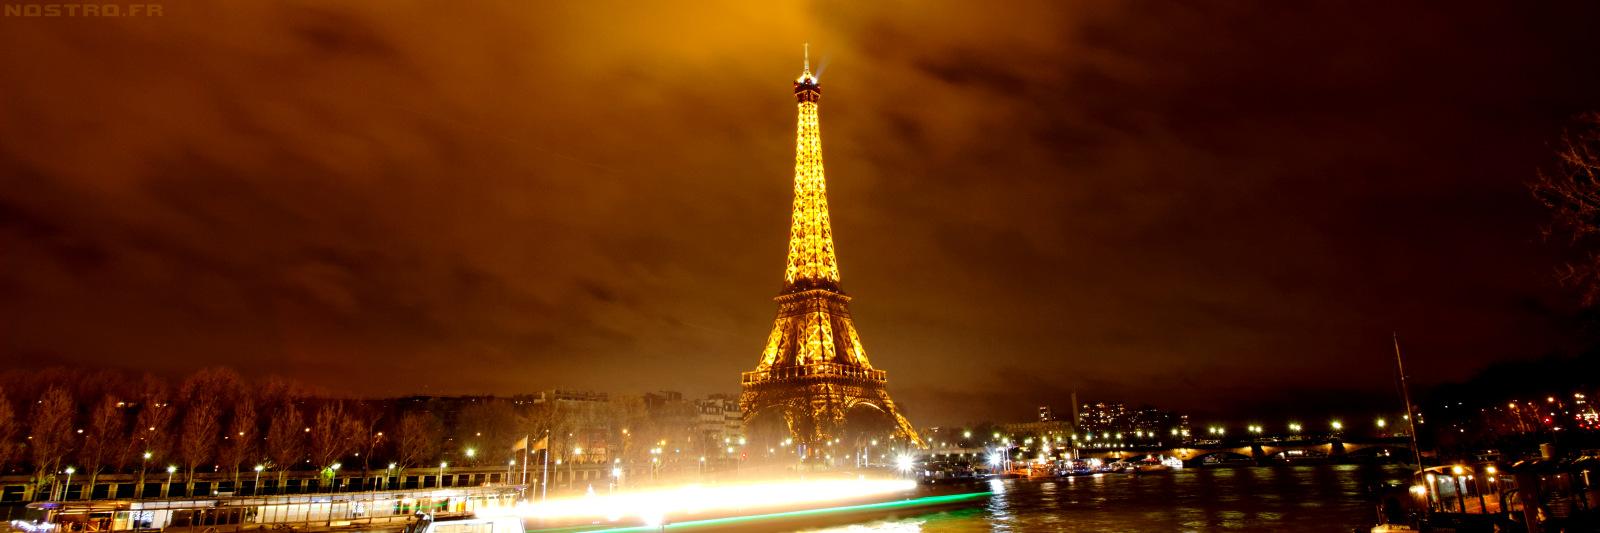 R veillon nouvel an paris soir e jour de l 39 an paris california avenue - Nouvel an original paris ...